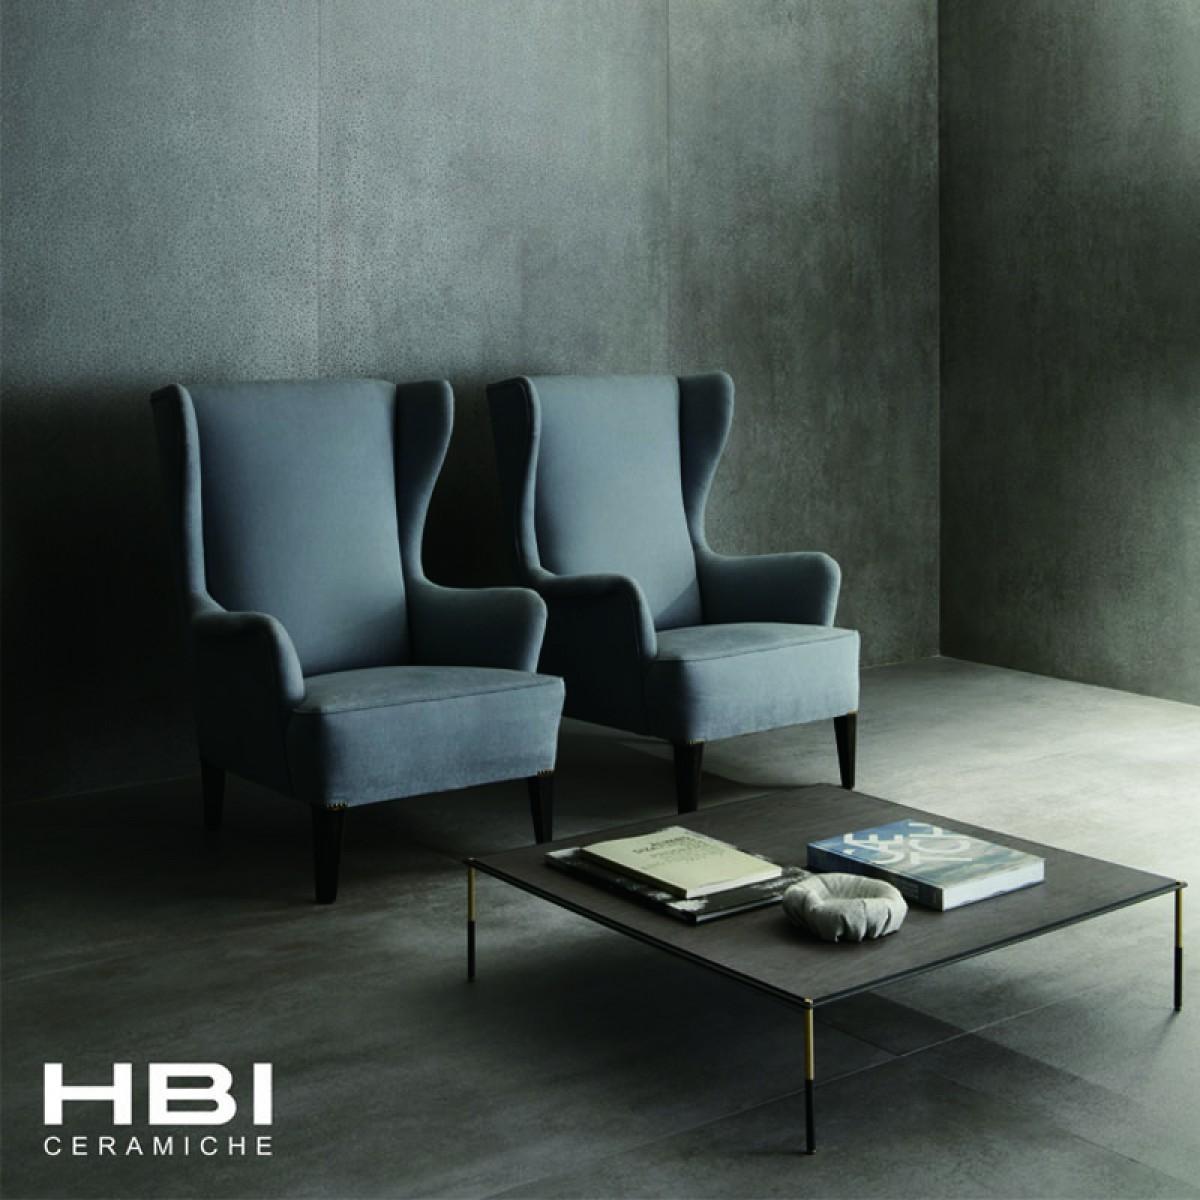 HBI瓷砖意大利进口 混凝土 CONCRETO 6MM MEDIUM